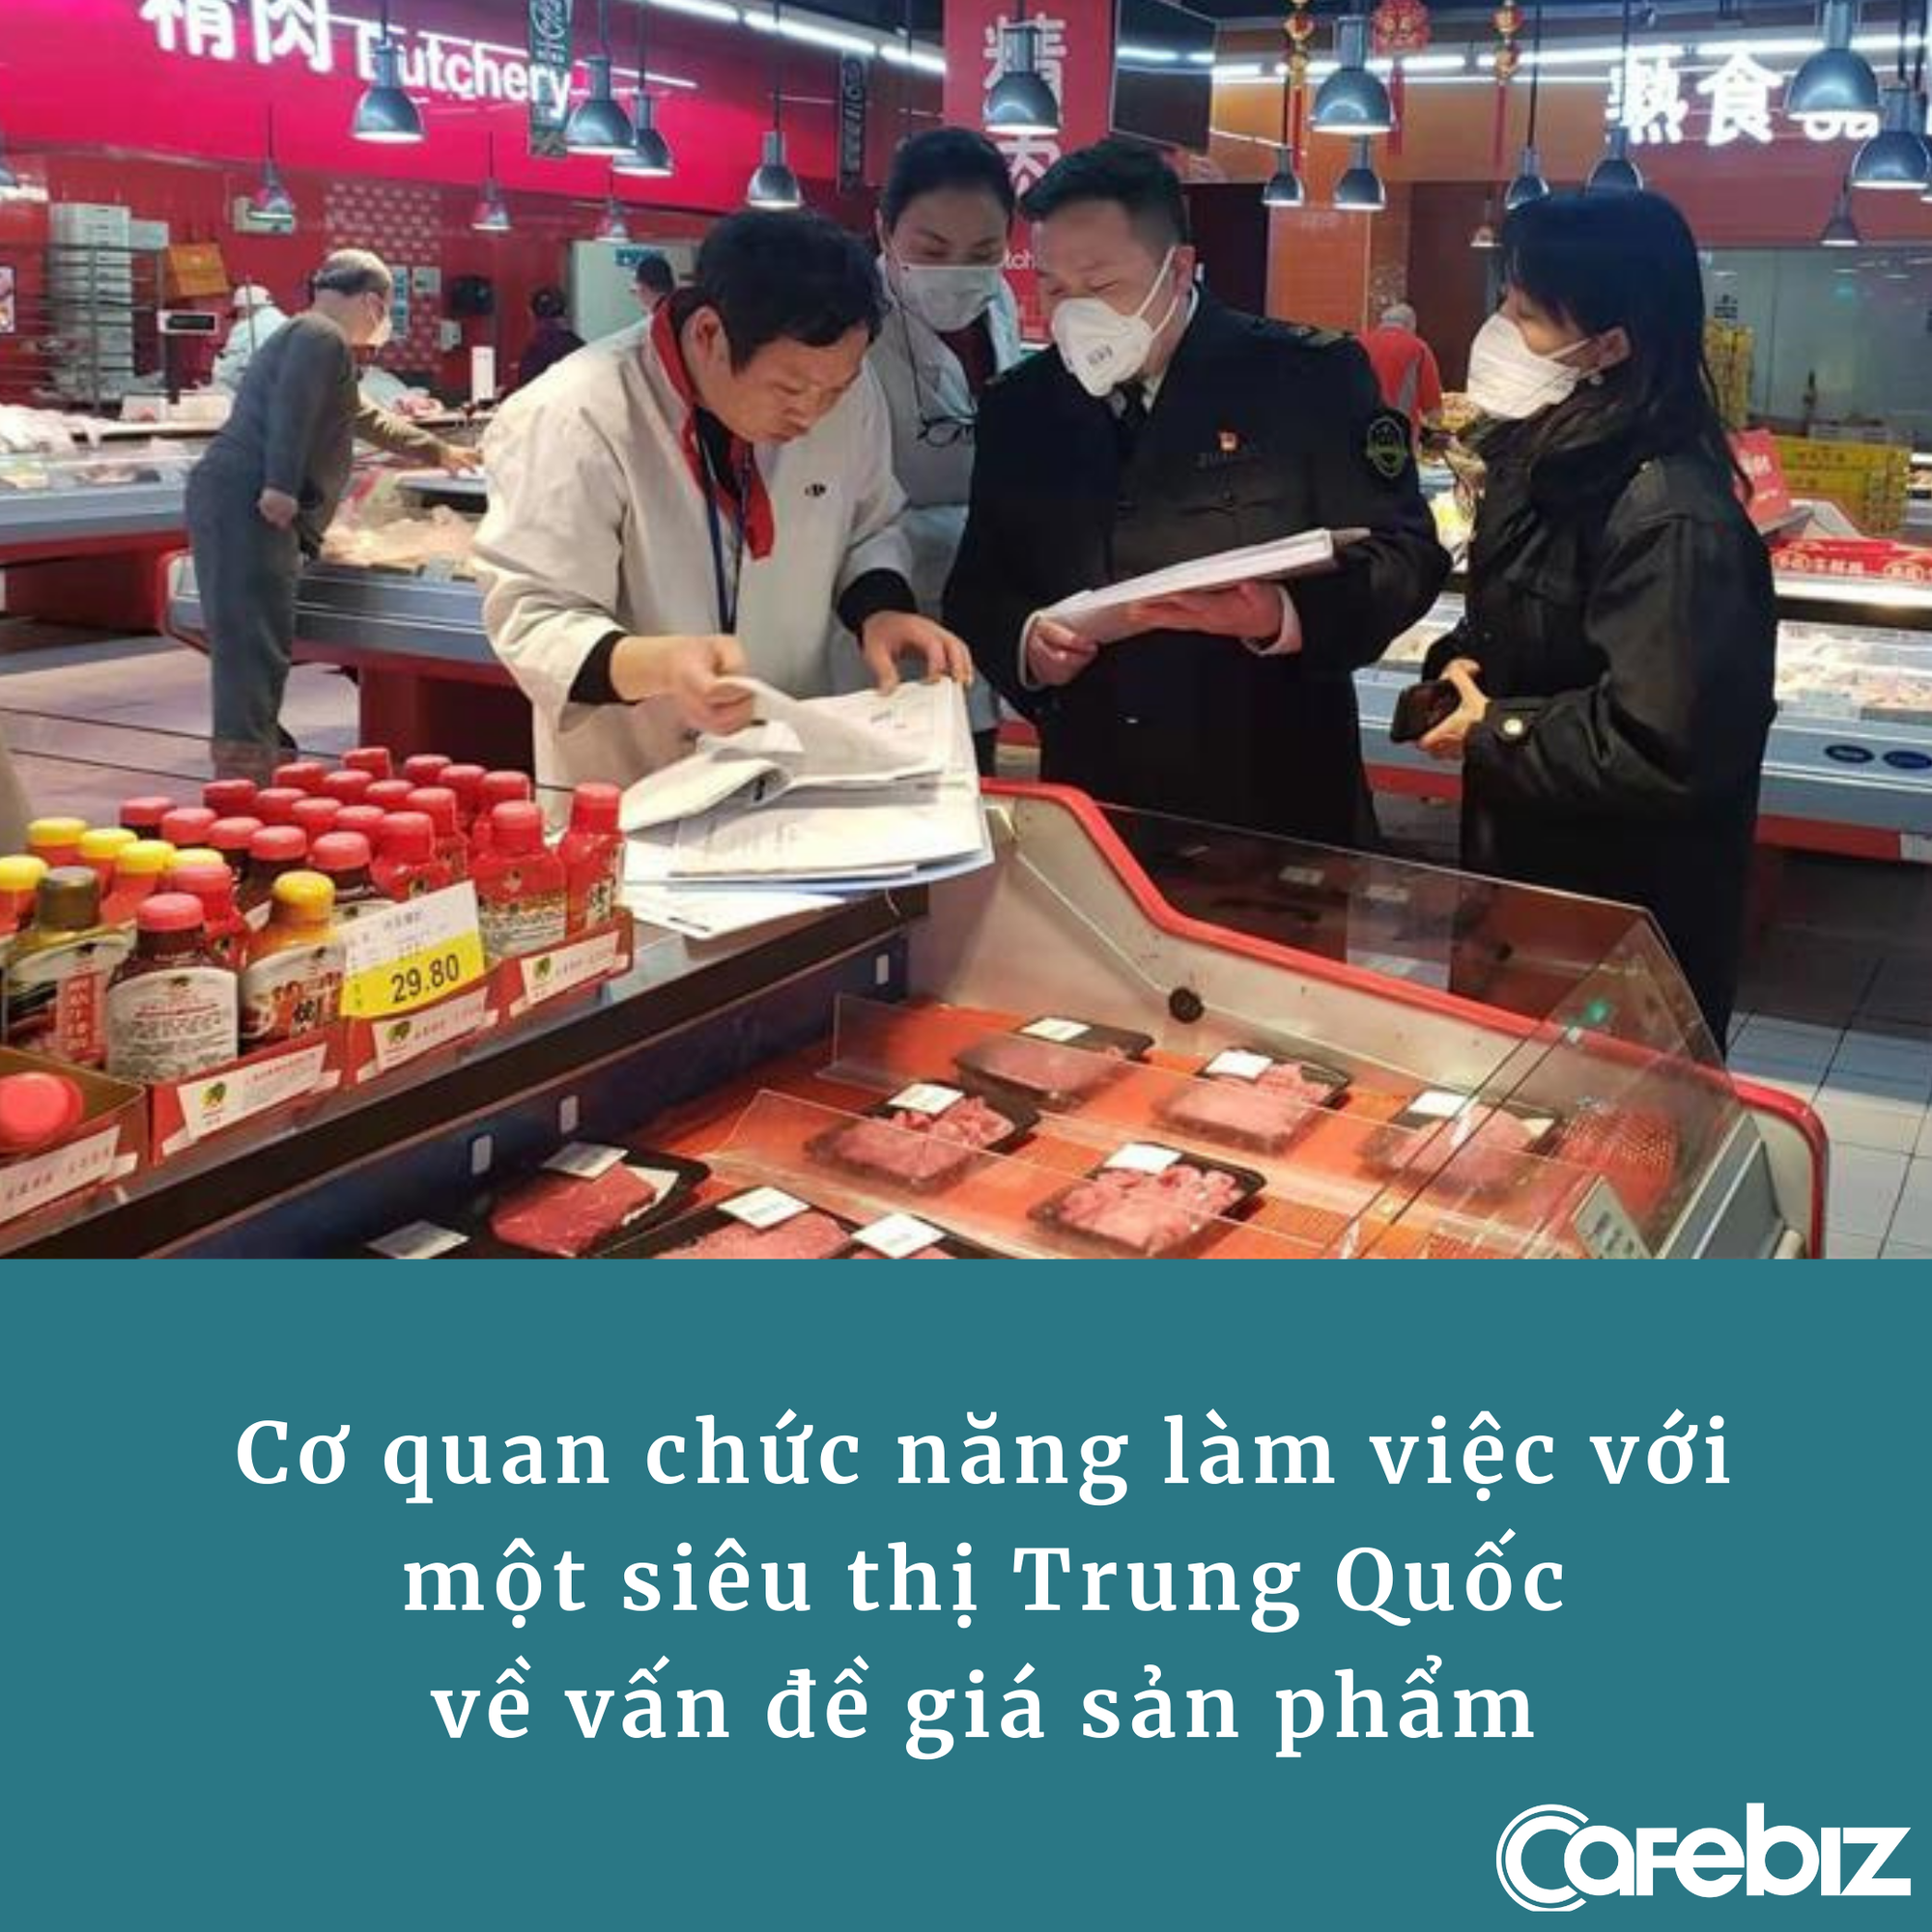 Tranh thủ Covid-19 tăng giá rau diếp 8 lần, bắp cải 5 lần, một siêu thị bị phạt 286.000 USD - Ảnh 1.